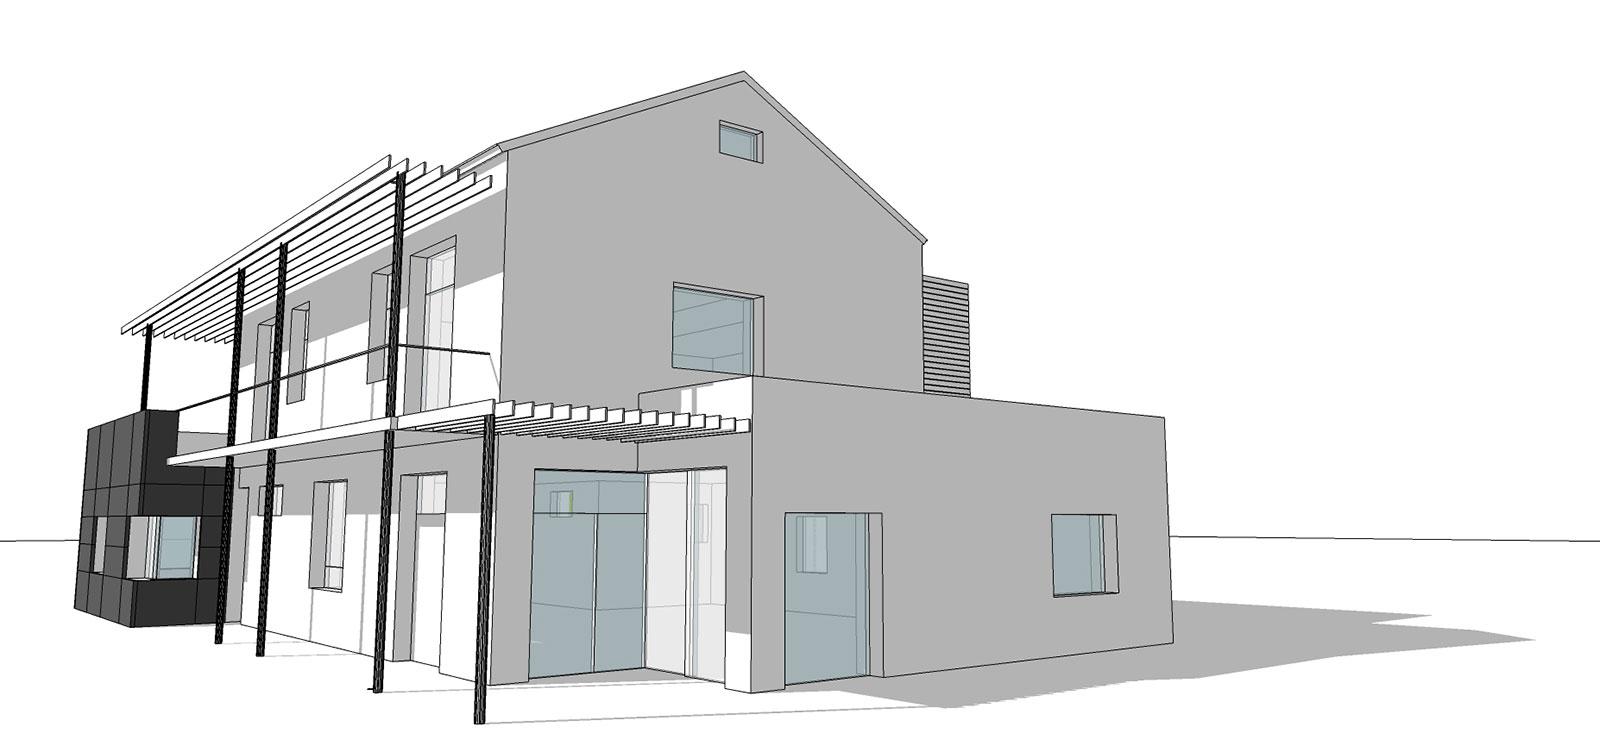 Aichberger architektur zt projekte for Architektur 4 1